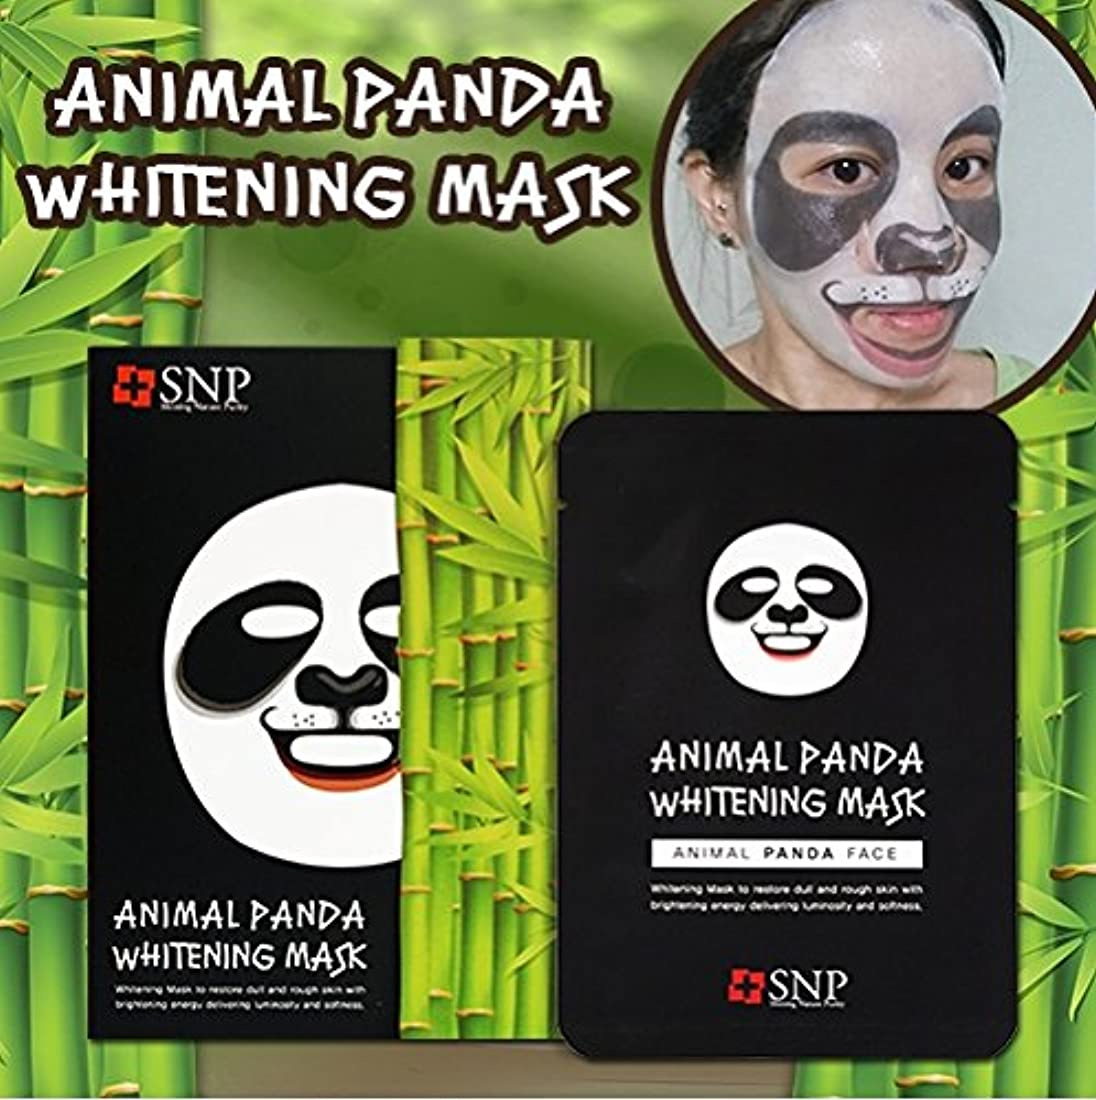 咽頭レパートリー見せます(SNP)アニマルパンダホワイトニングマスク 灰色がかった肌色の改善10本入[並行輸入品]SNP Animal Panda Whitening Face Mask Pack x10EA